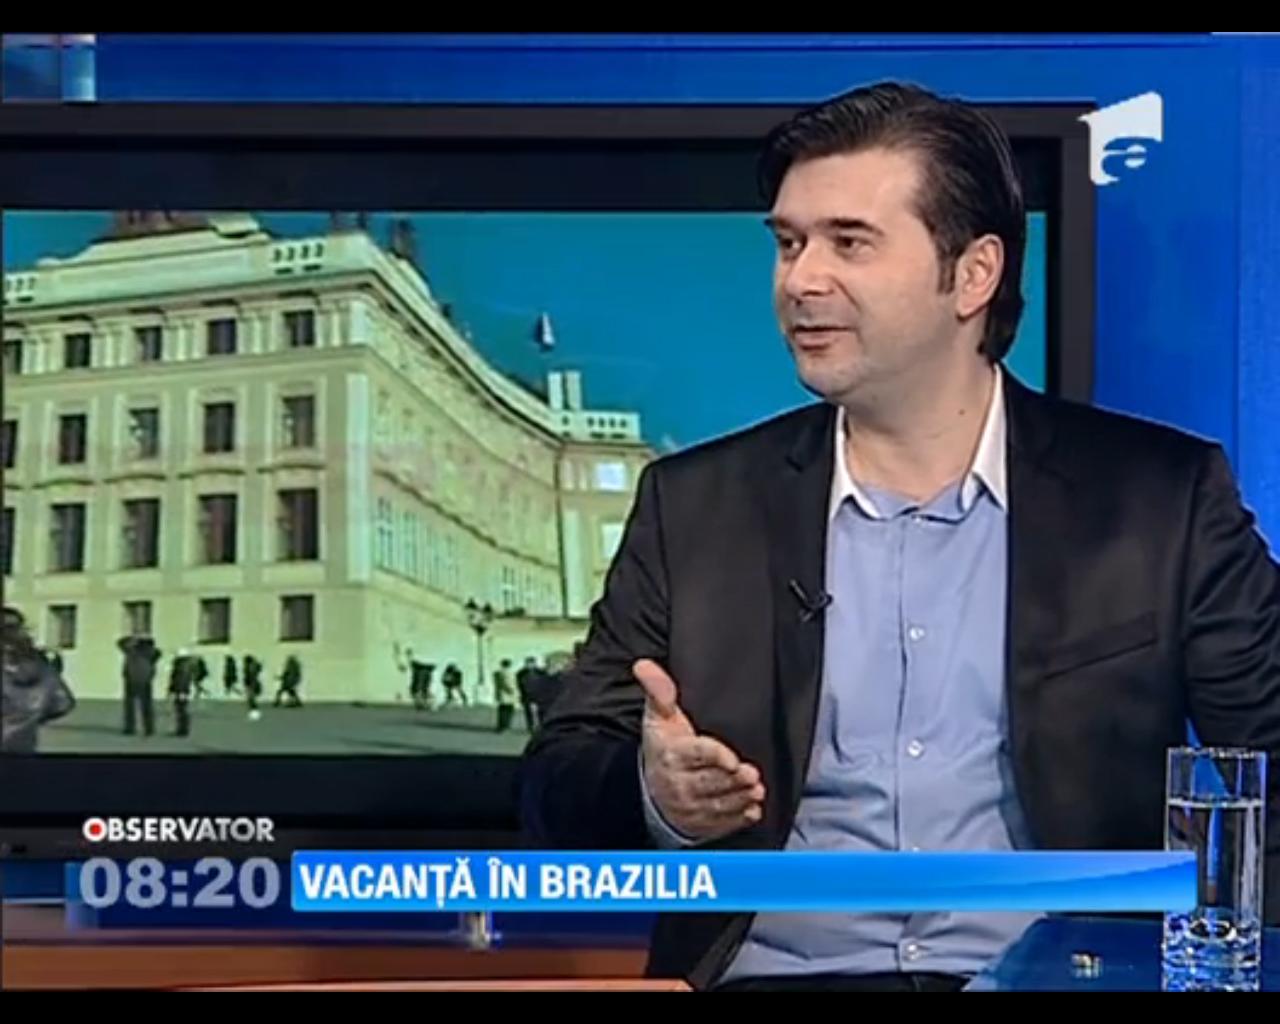 Despre carnavaluri la Observatorul matinal, cu Daniel Osmanovici